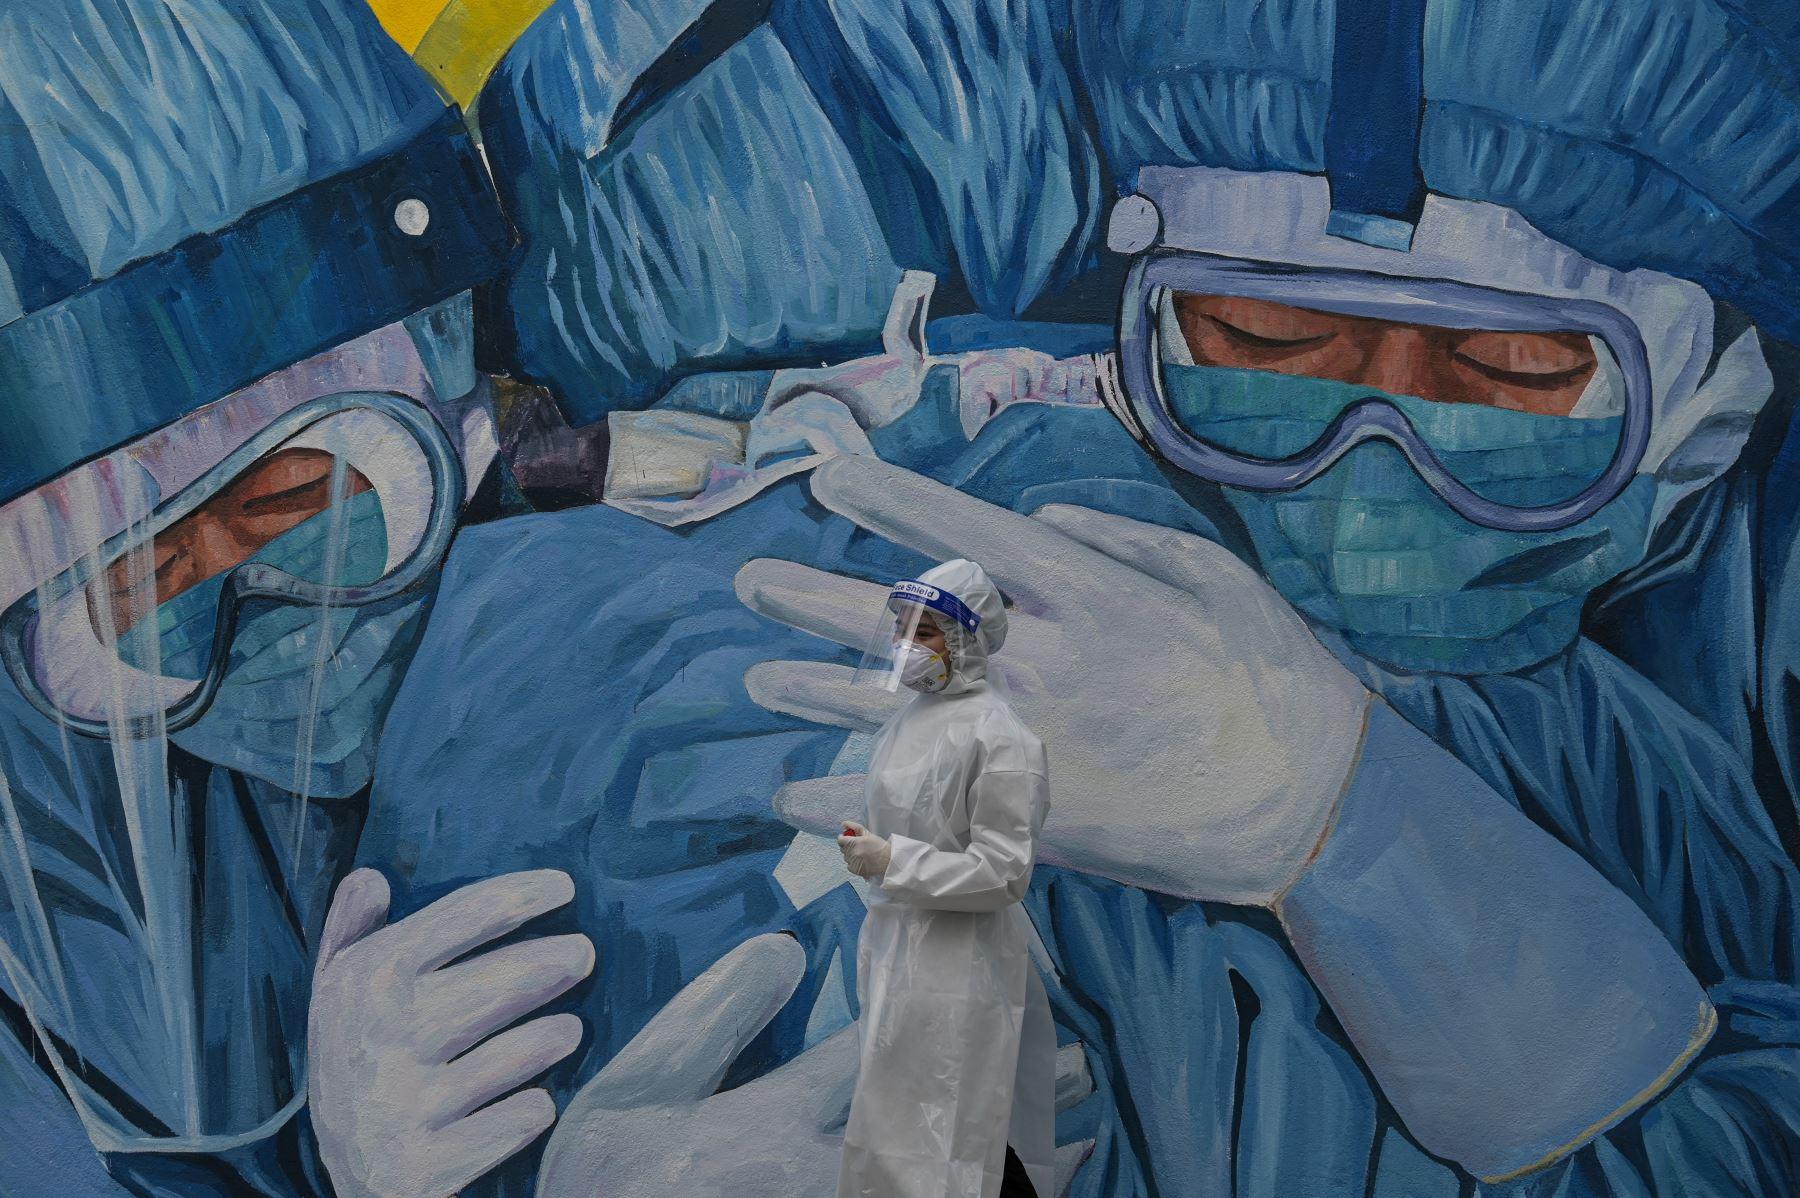 Un personal médico con un traje de protección espera en el centro de pruebas de detección Covid-19 en la Clínica Privada Ajwa en Shah Alam en las afueras de Kuala Lumpur un 12 de enero de 2021, mientras el rey de Malasia declaró un estado de emergencia nacional para combatir la nueva ola de coronavirus. (Foto: AFP)